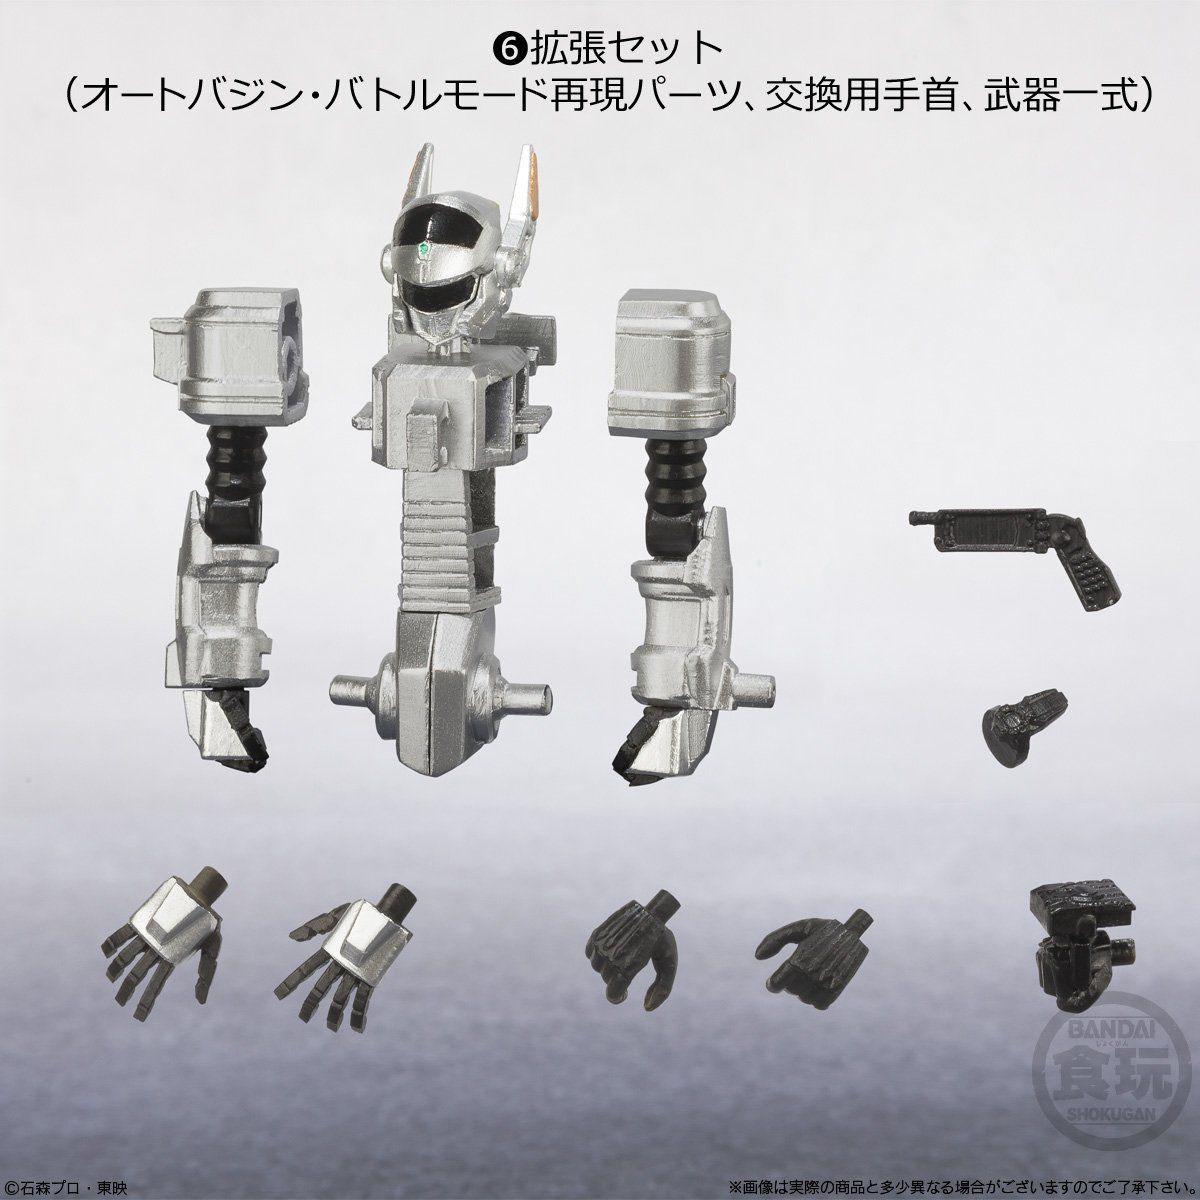 【食玩】SHODO-X『仮面ライダー2』食玩 可動フィギュア 10個入りBOX-006